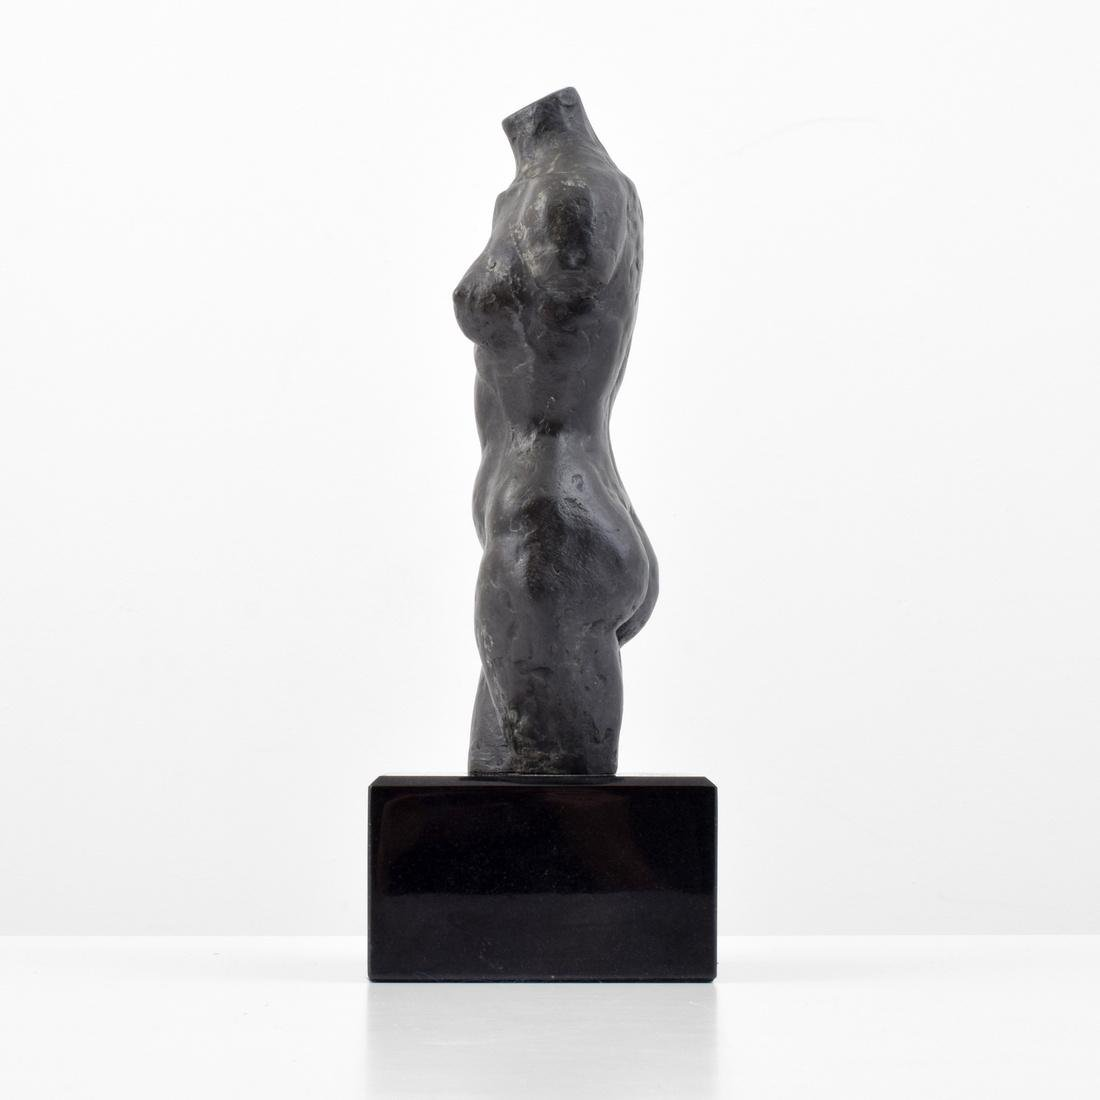 Farrah Fawcett Figural Bronze Sculpture - 3